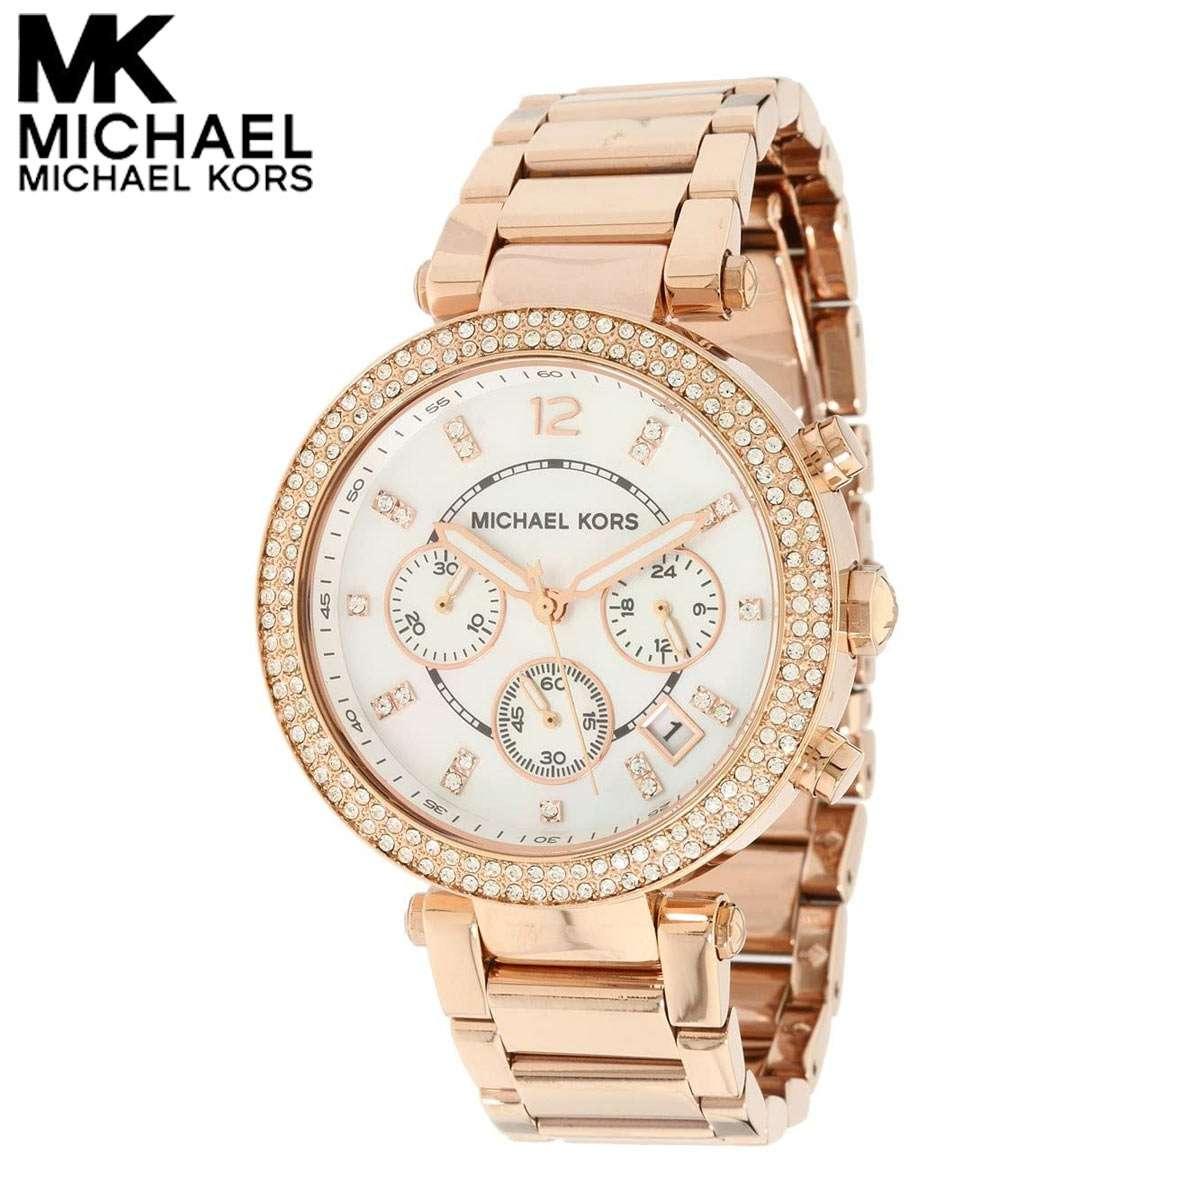 マイケルコース 時計 腕時計 ファッション通販 レディース ブランド 当店限定販売 Kors おしゃれ パーカー Parker Michael